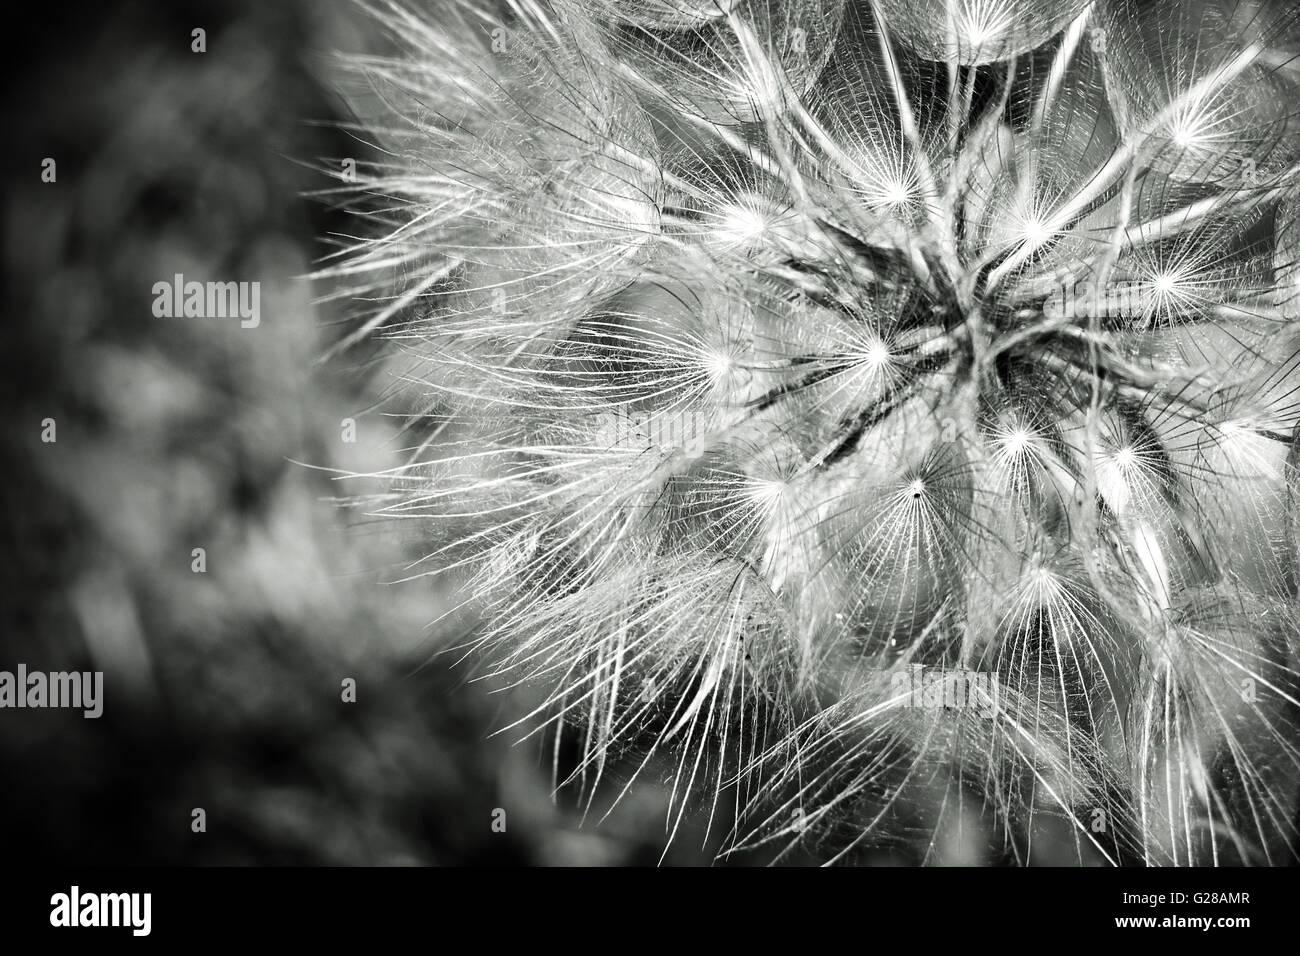 Noir Blanc Graines De Pissenlit Fleur Nom Scientifique